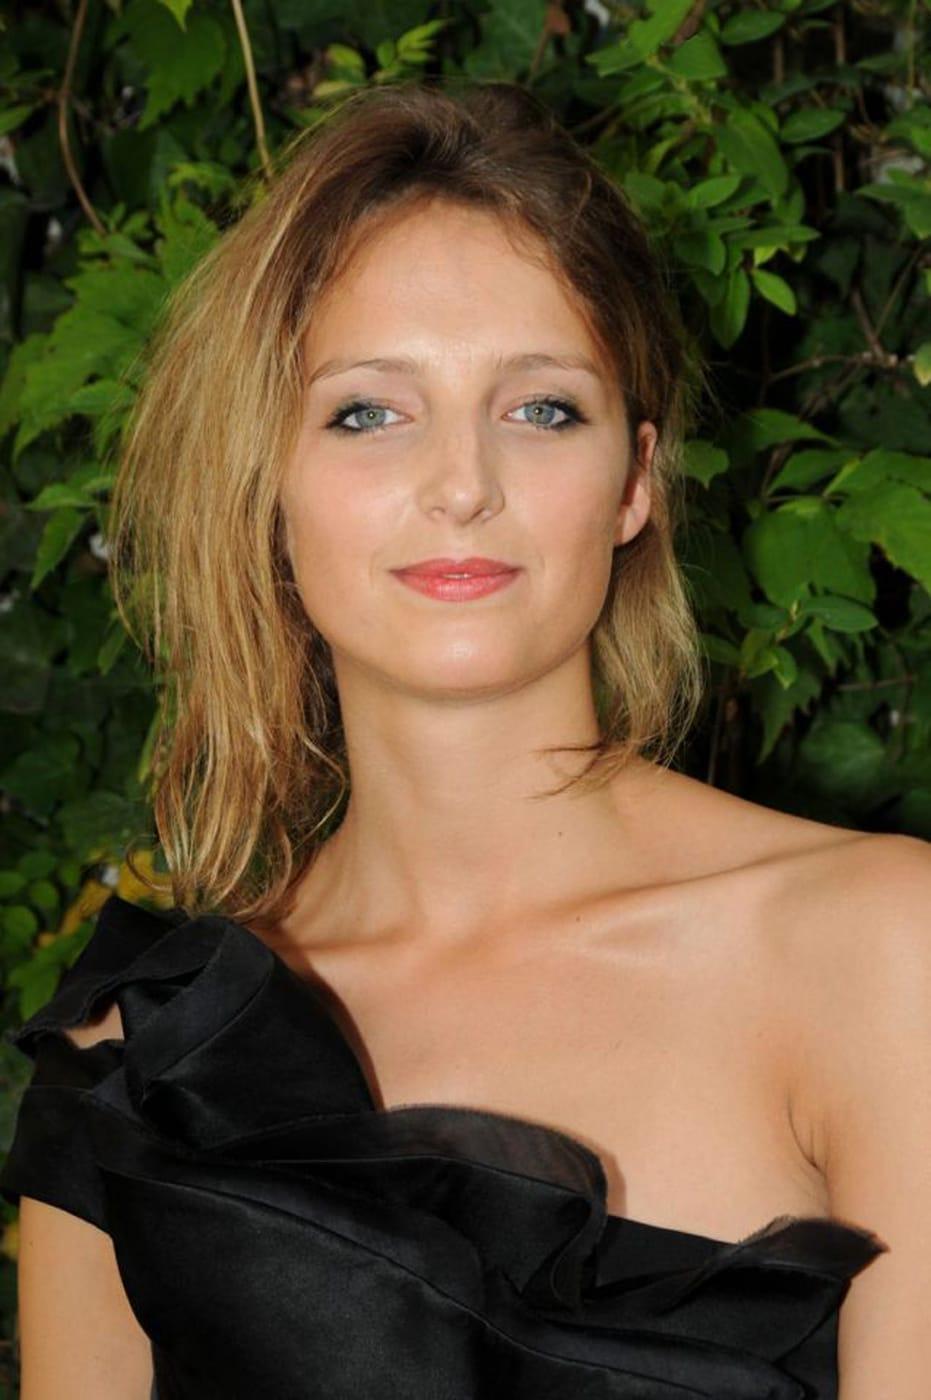 Stephanie Crayencour Nude Photos 8